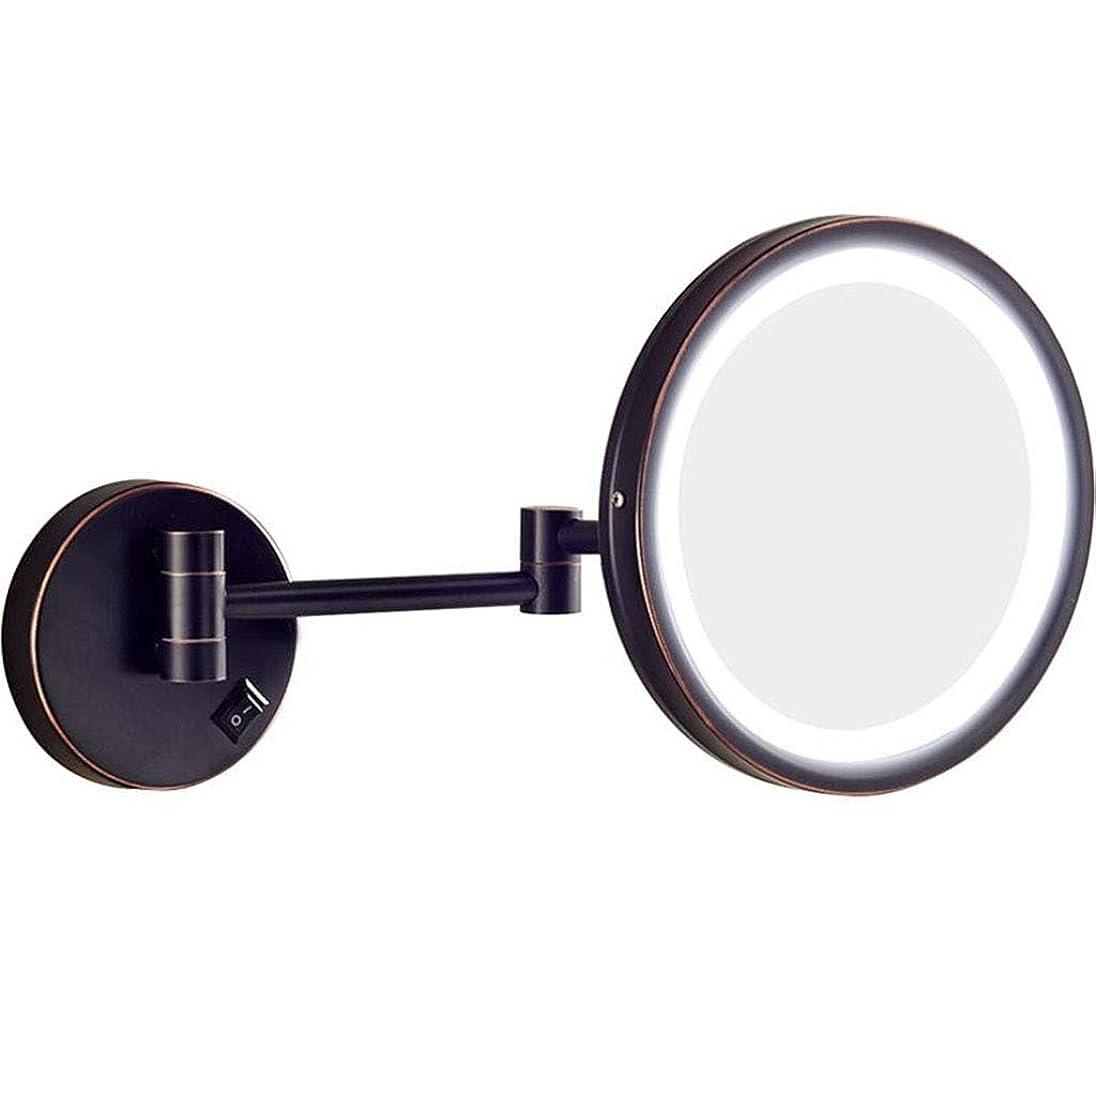 ゴミ凝視抗生物質HUYYA バスルームメイクアップミラー シェービングミラー LEDライト付き、バニティミラー 壁付 バニティミラー 3 倍拡大鏡 丸め 寝室や浴室に適しています,Black_8.5inch